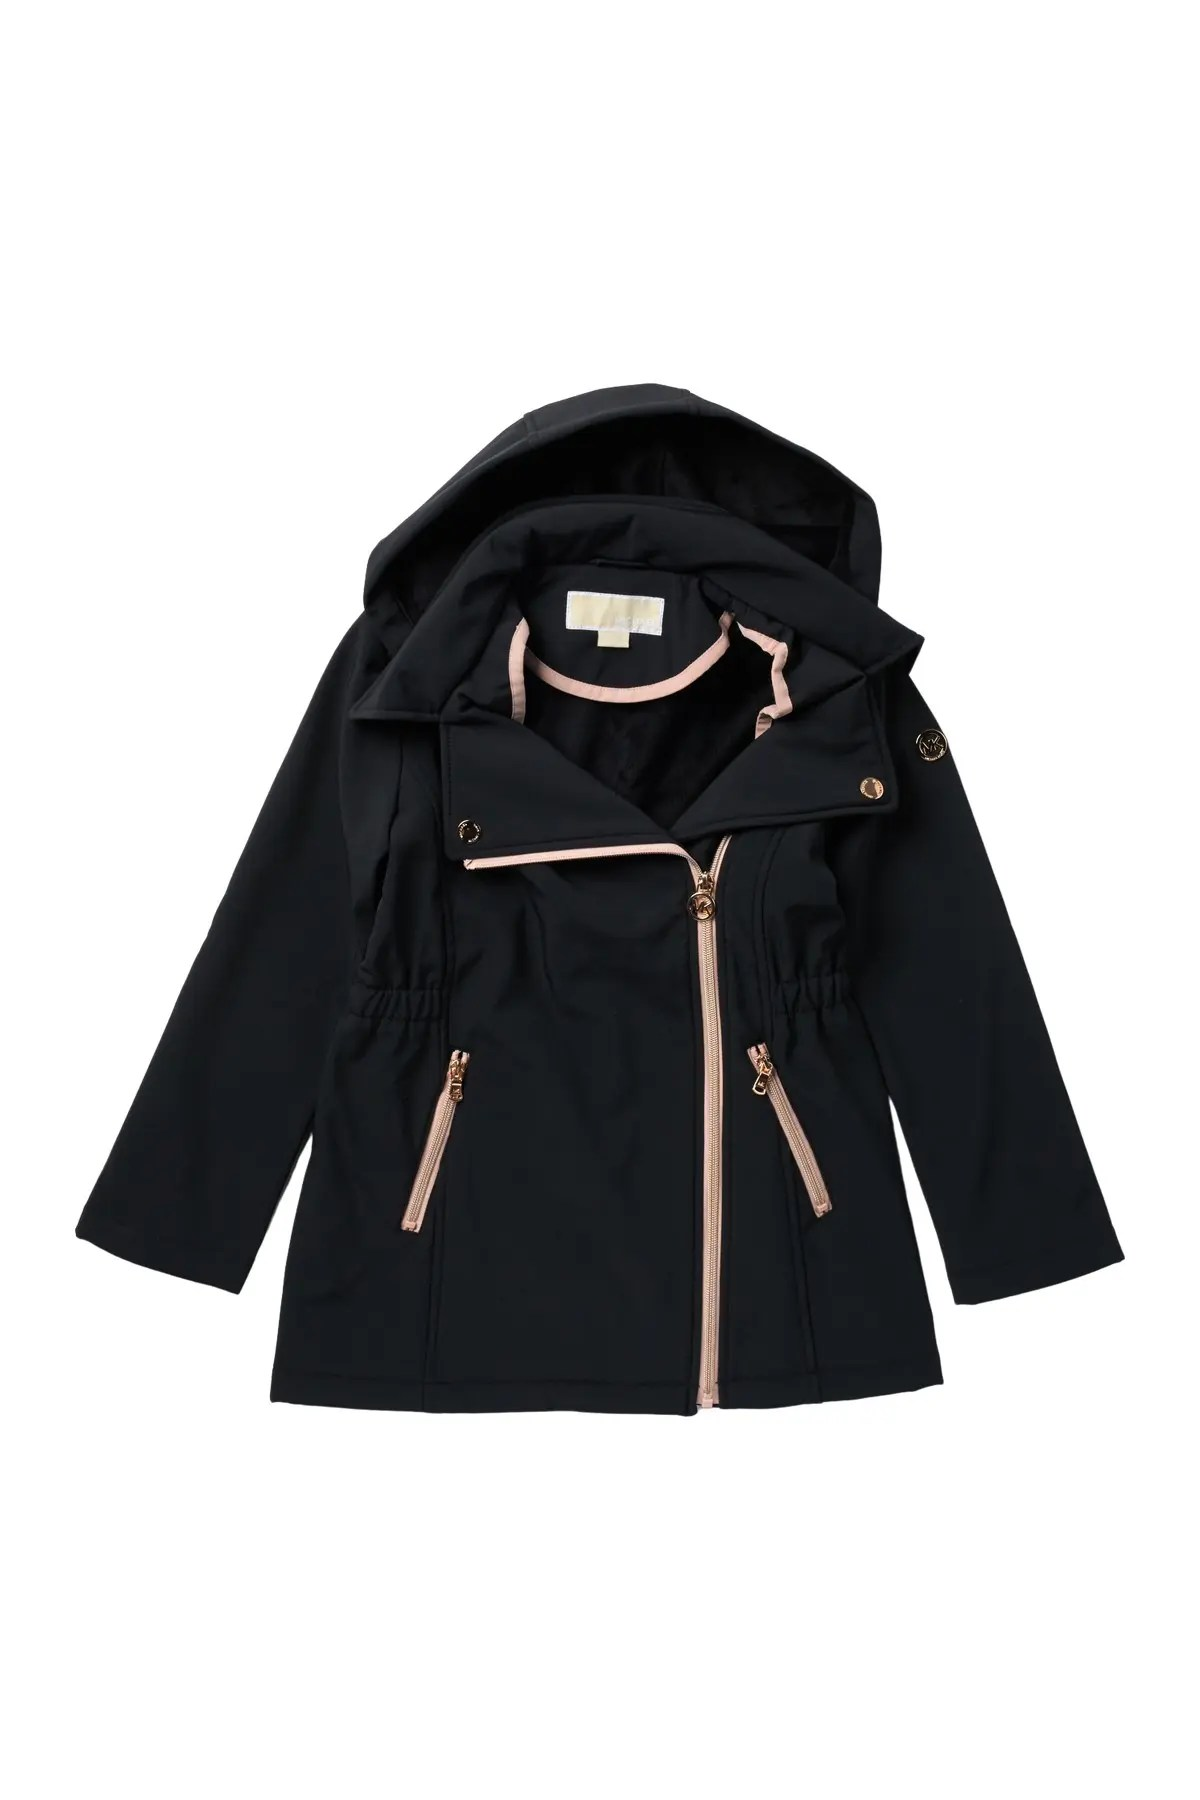 michael kors asymmetrical hooded soft shell jacket nordstrom rack